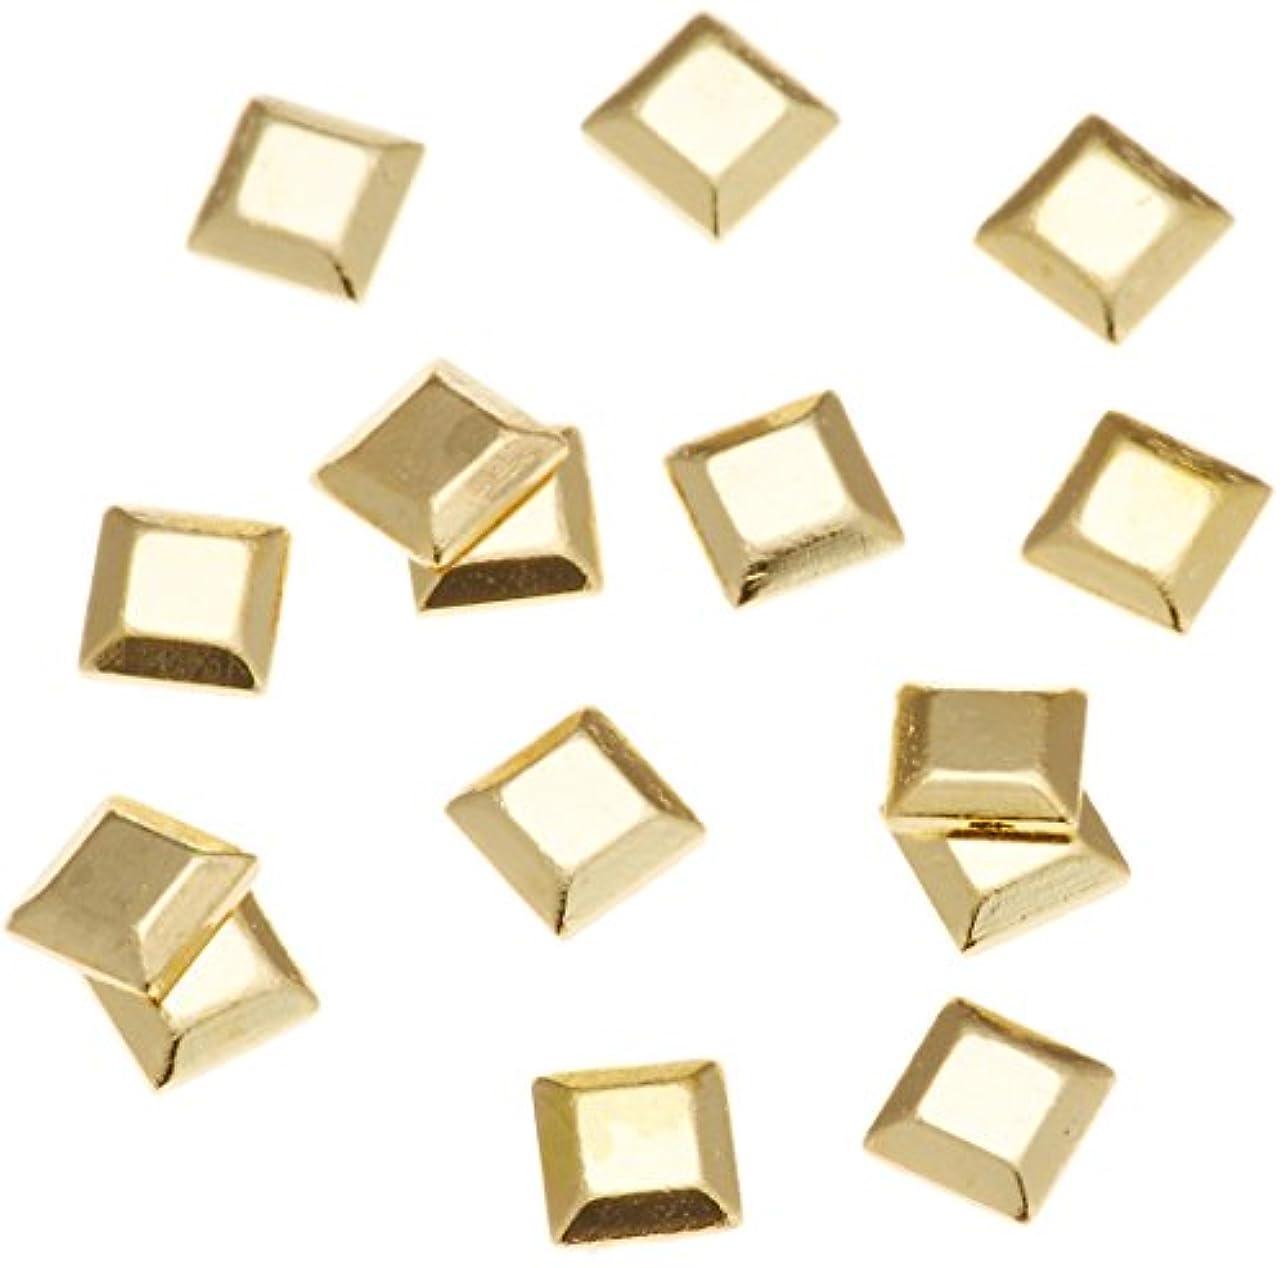 ソース飲み込む促進するリトルプリティー ネイルアートパーツ スタッズスクエア ゴールド 200個